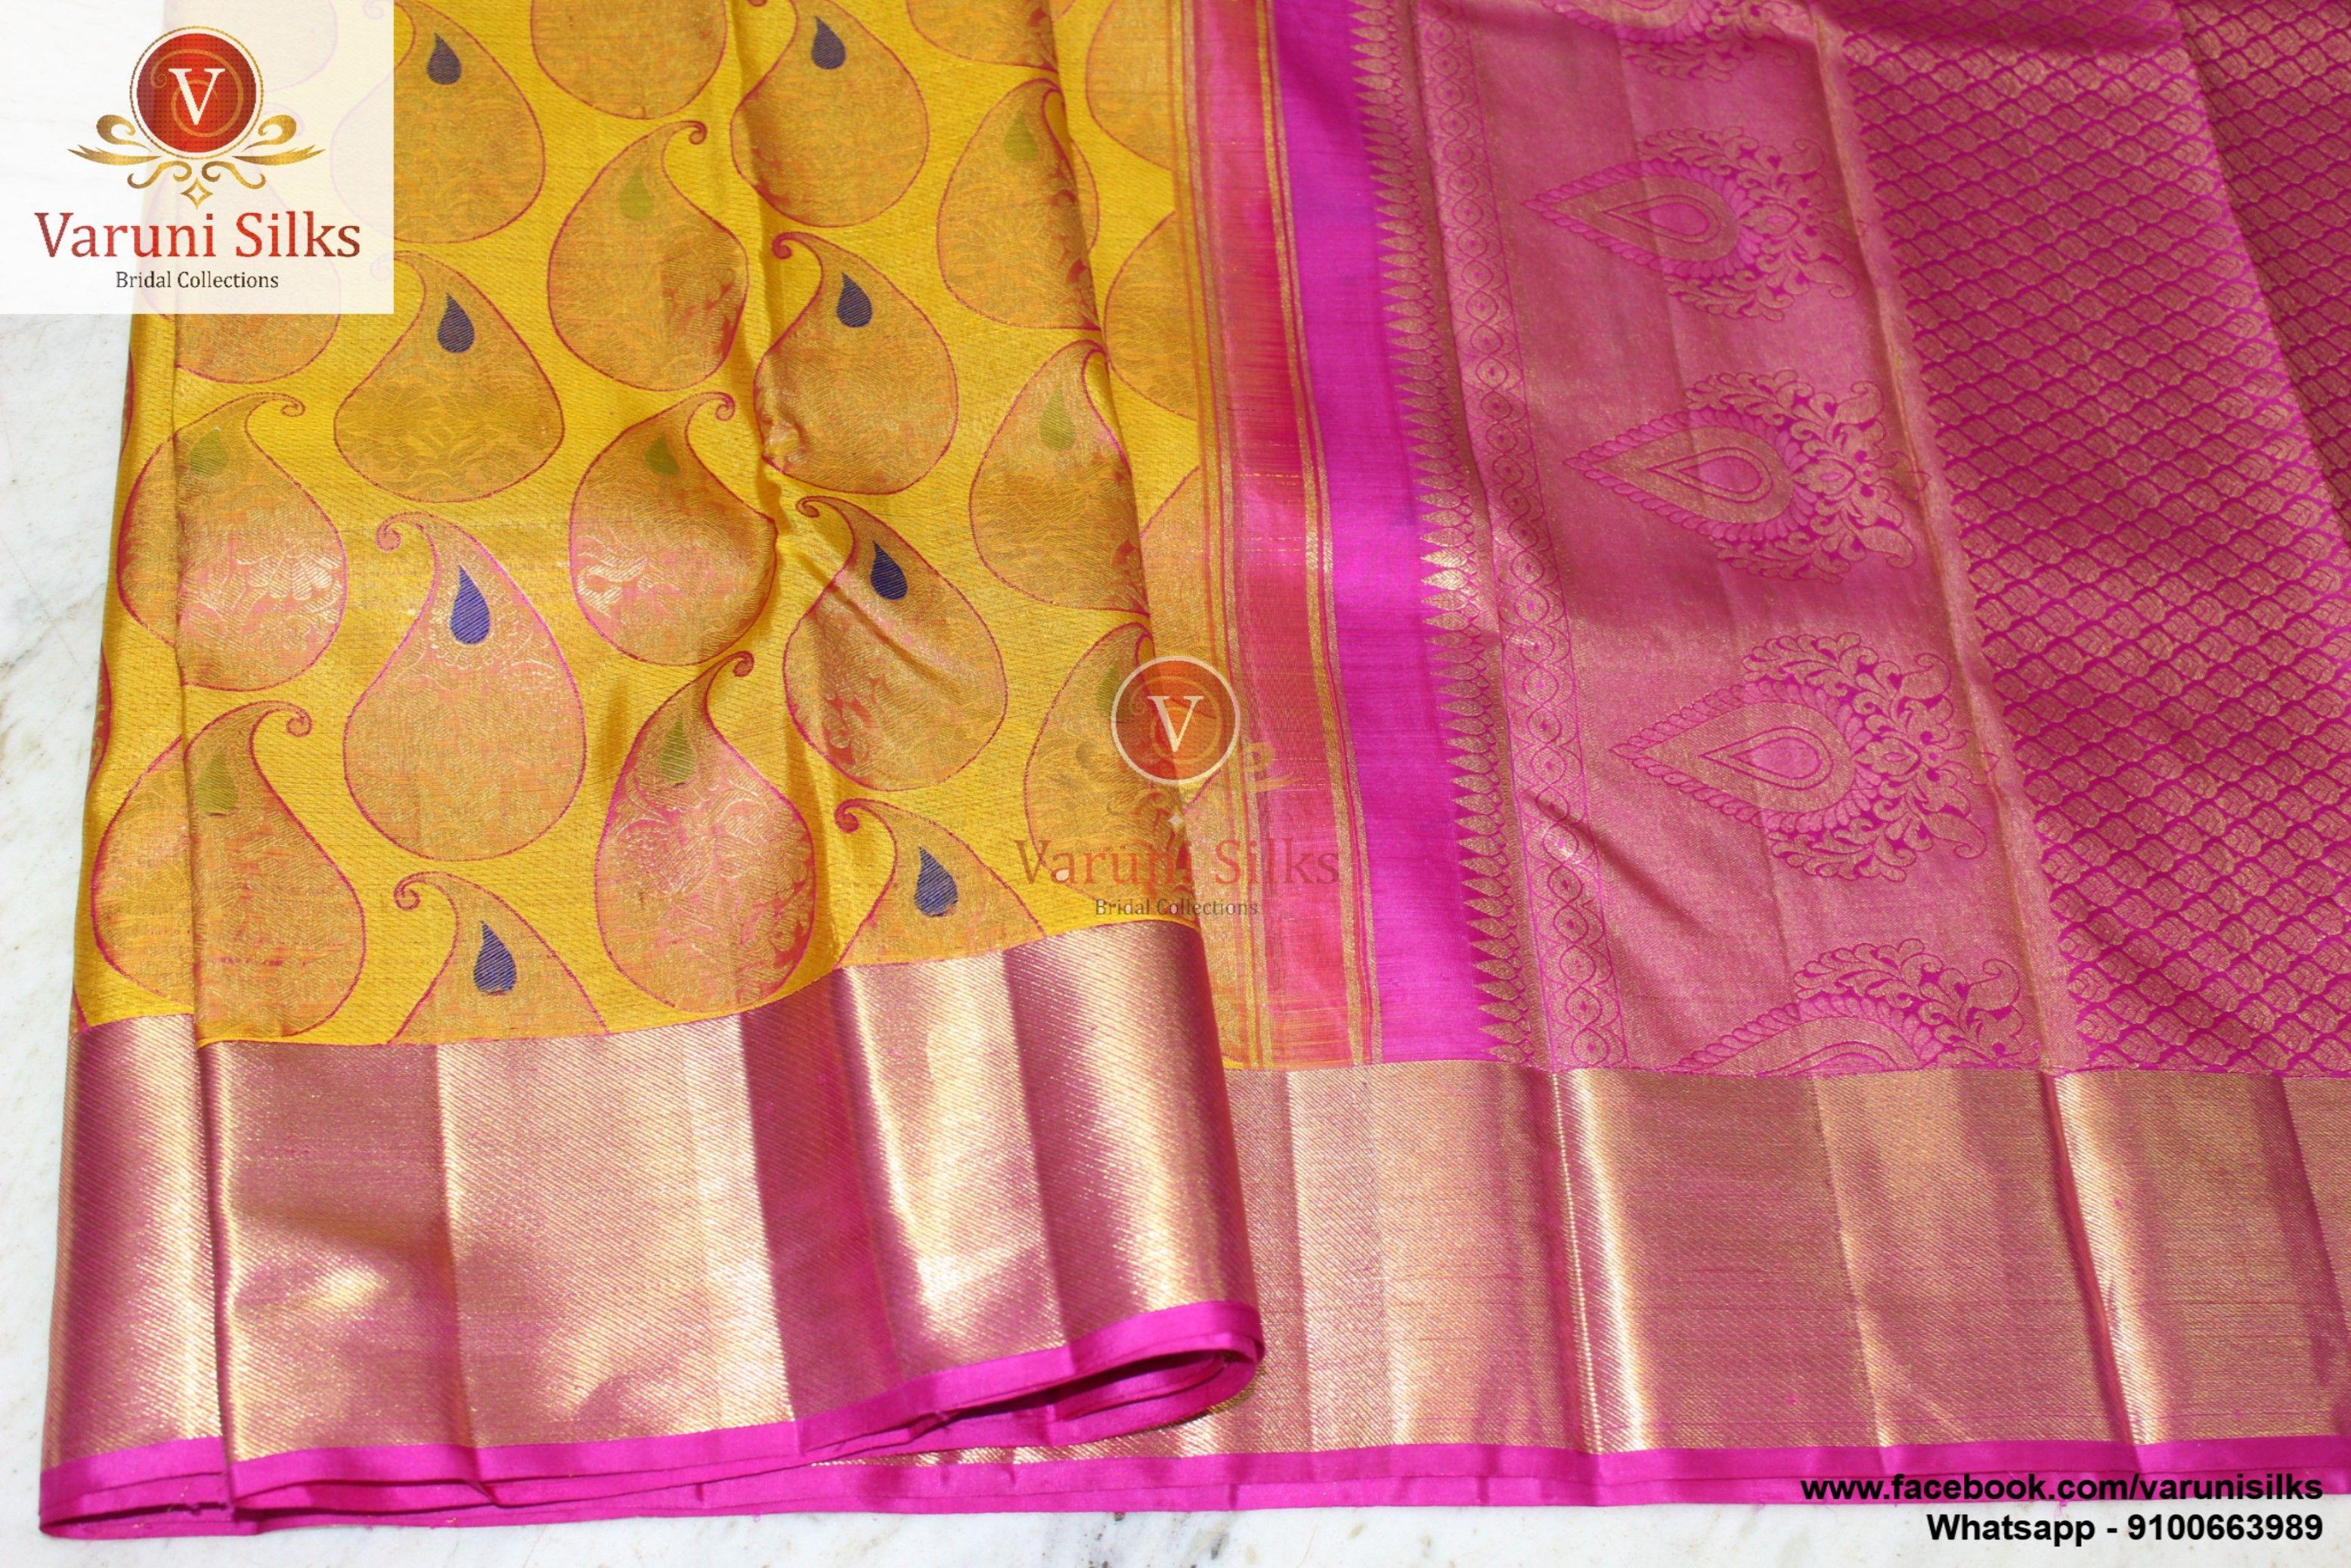 Unique Kanchi Pattu Collection from Varuini Silks